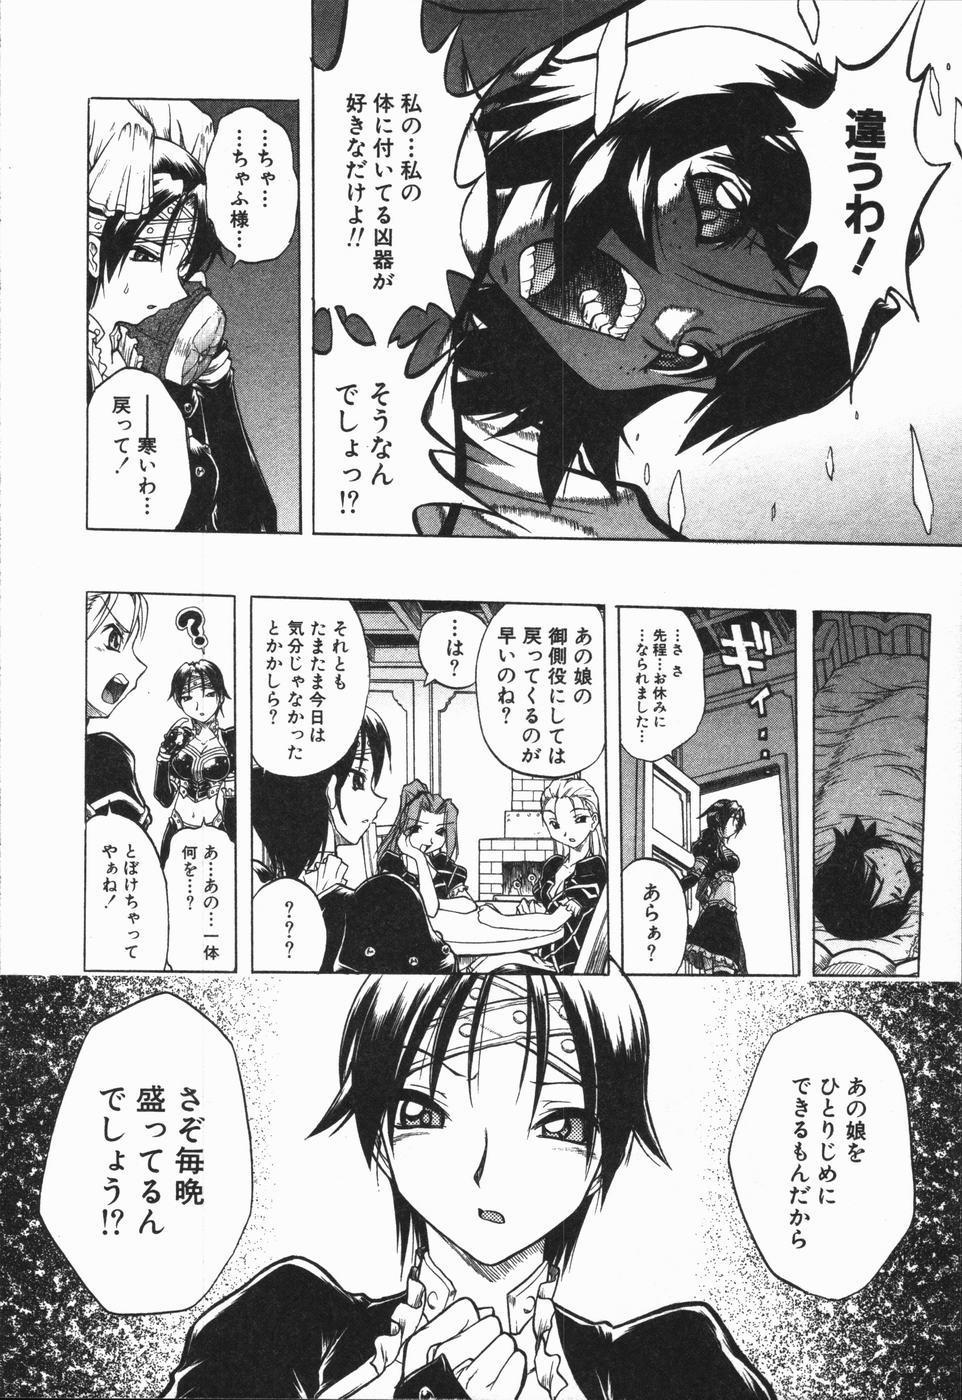 [Oka Sundome] Mebina-tachi no Gogo | -Maybe-na Afternoon- 12